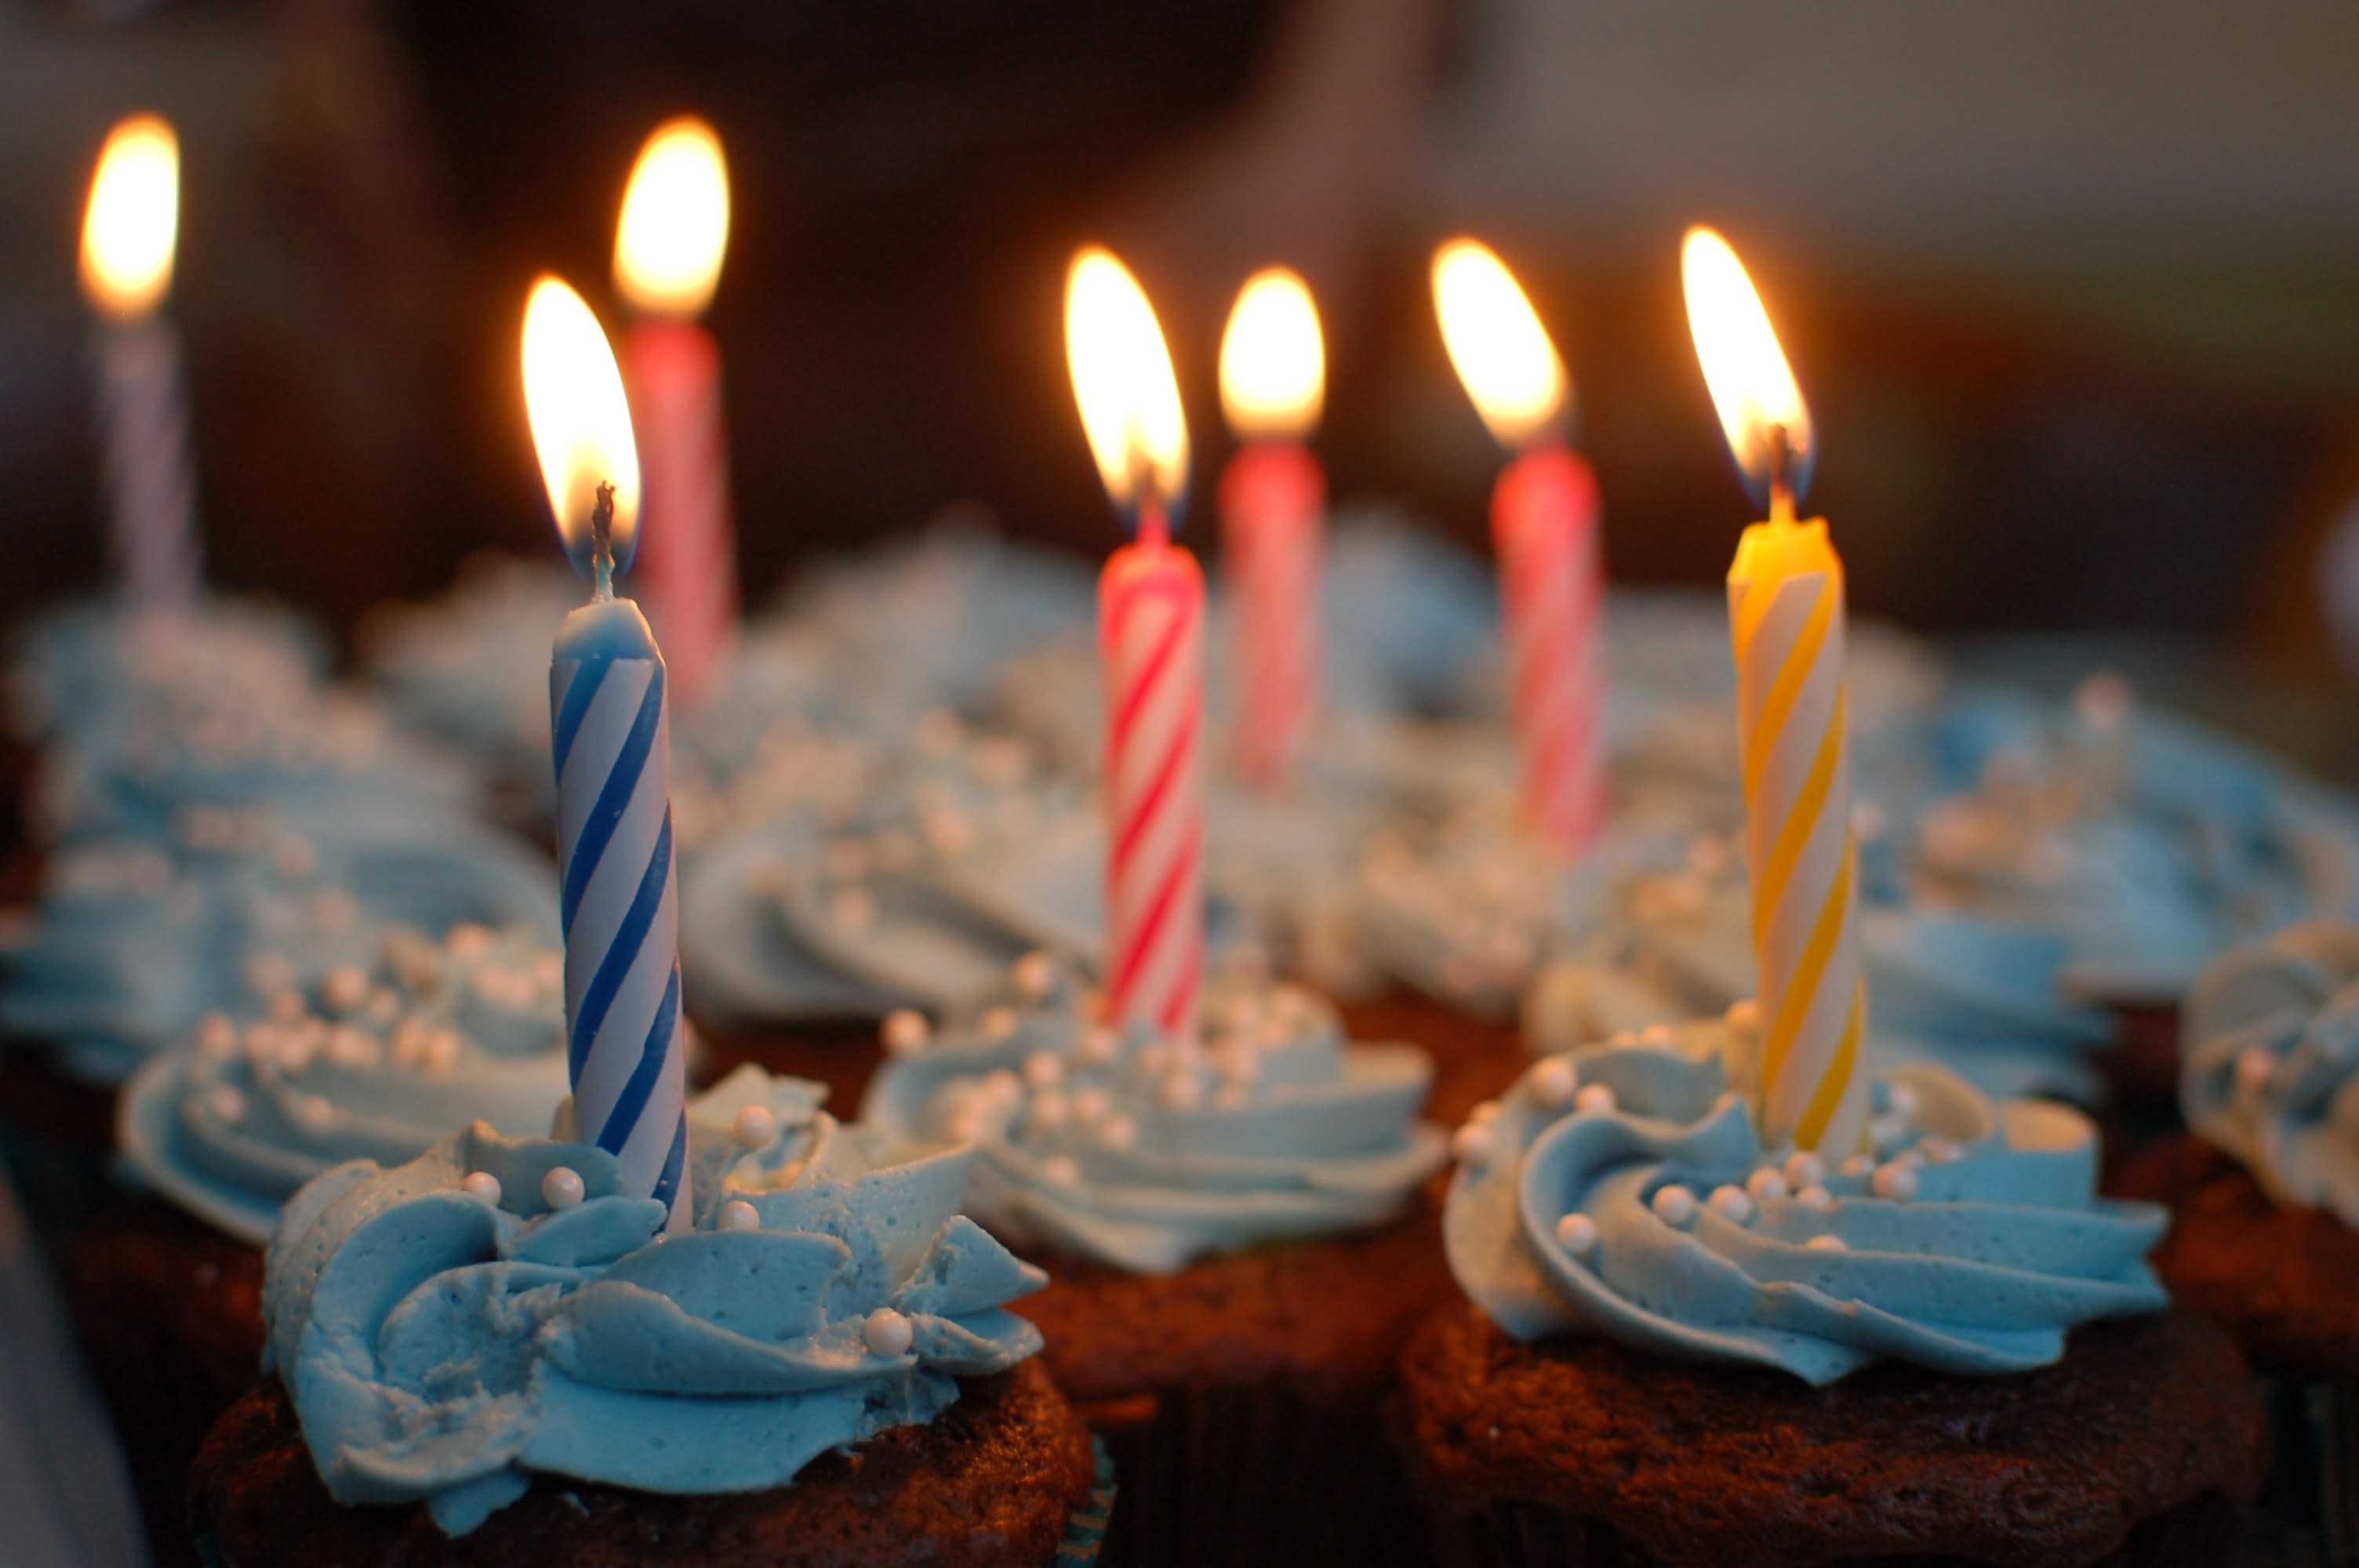 Birthday cake cake birthday cupcakes 40183.jpeg dmn5r8